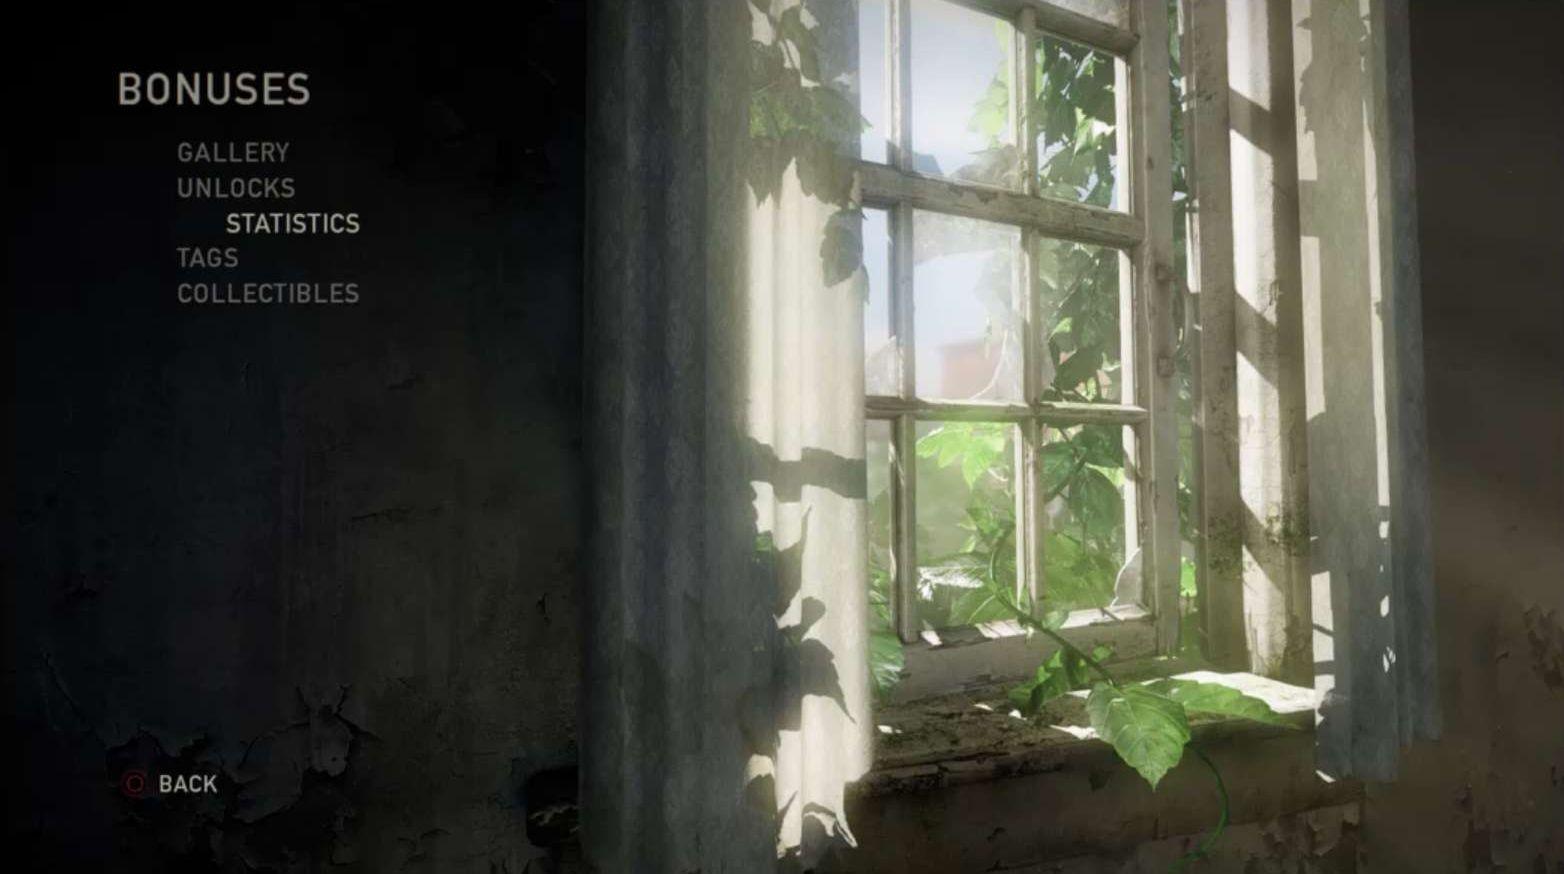 Das Menü von The Last of Us Remastered